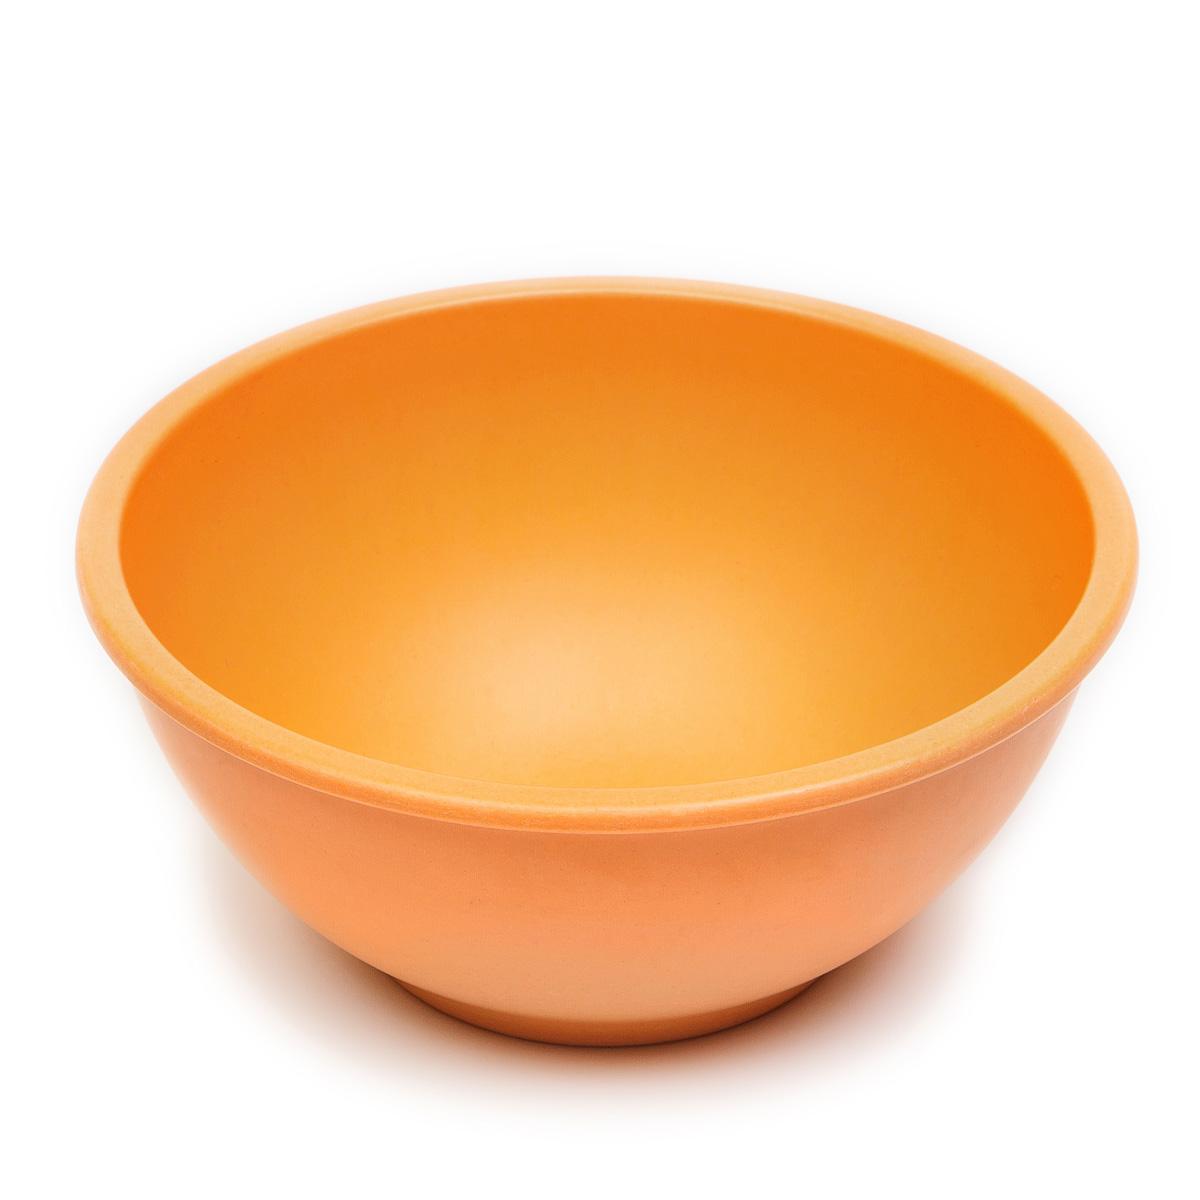 Салатник MoulinVilla, цвет: оранжевый, 15 х 15 х 6 смTSF-28-OПосуда из инновационного материала компании Moulinvilla. Продукт сделан из экологически чистой бамбуковой фибры. Посуда обладает естественными, антибактериальными свойствами. Диапазон температур: от -20 до +120 С. Можно мыть в посудомоечной машине в щадящем режиме. Посуда из бамбука - это яркий стильный дизайн и высокая функциональность.